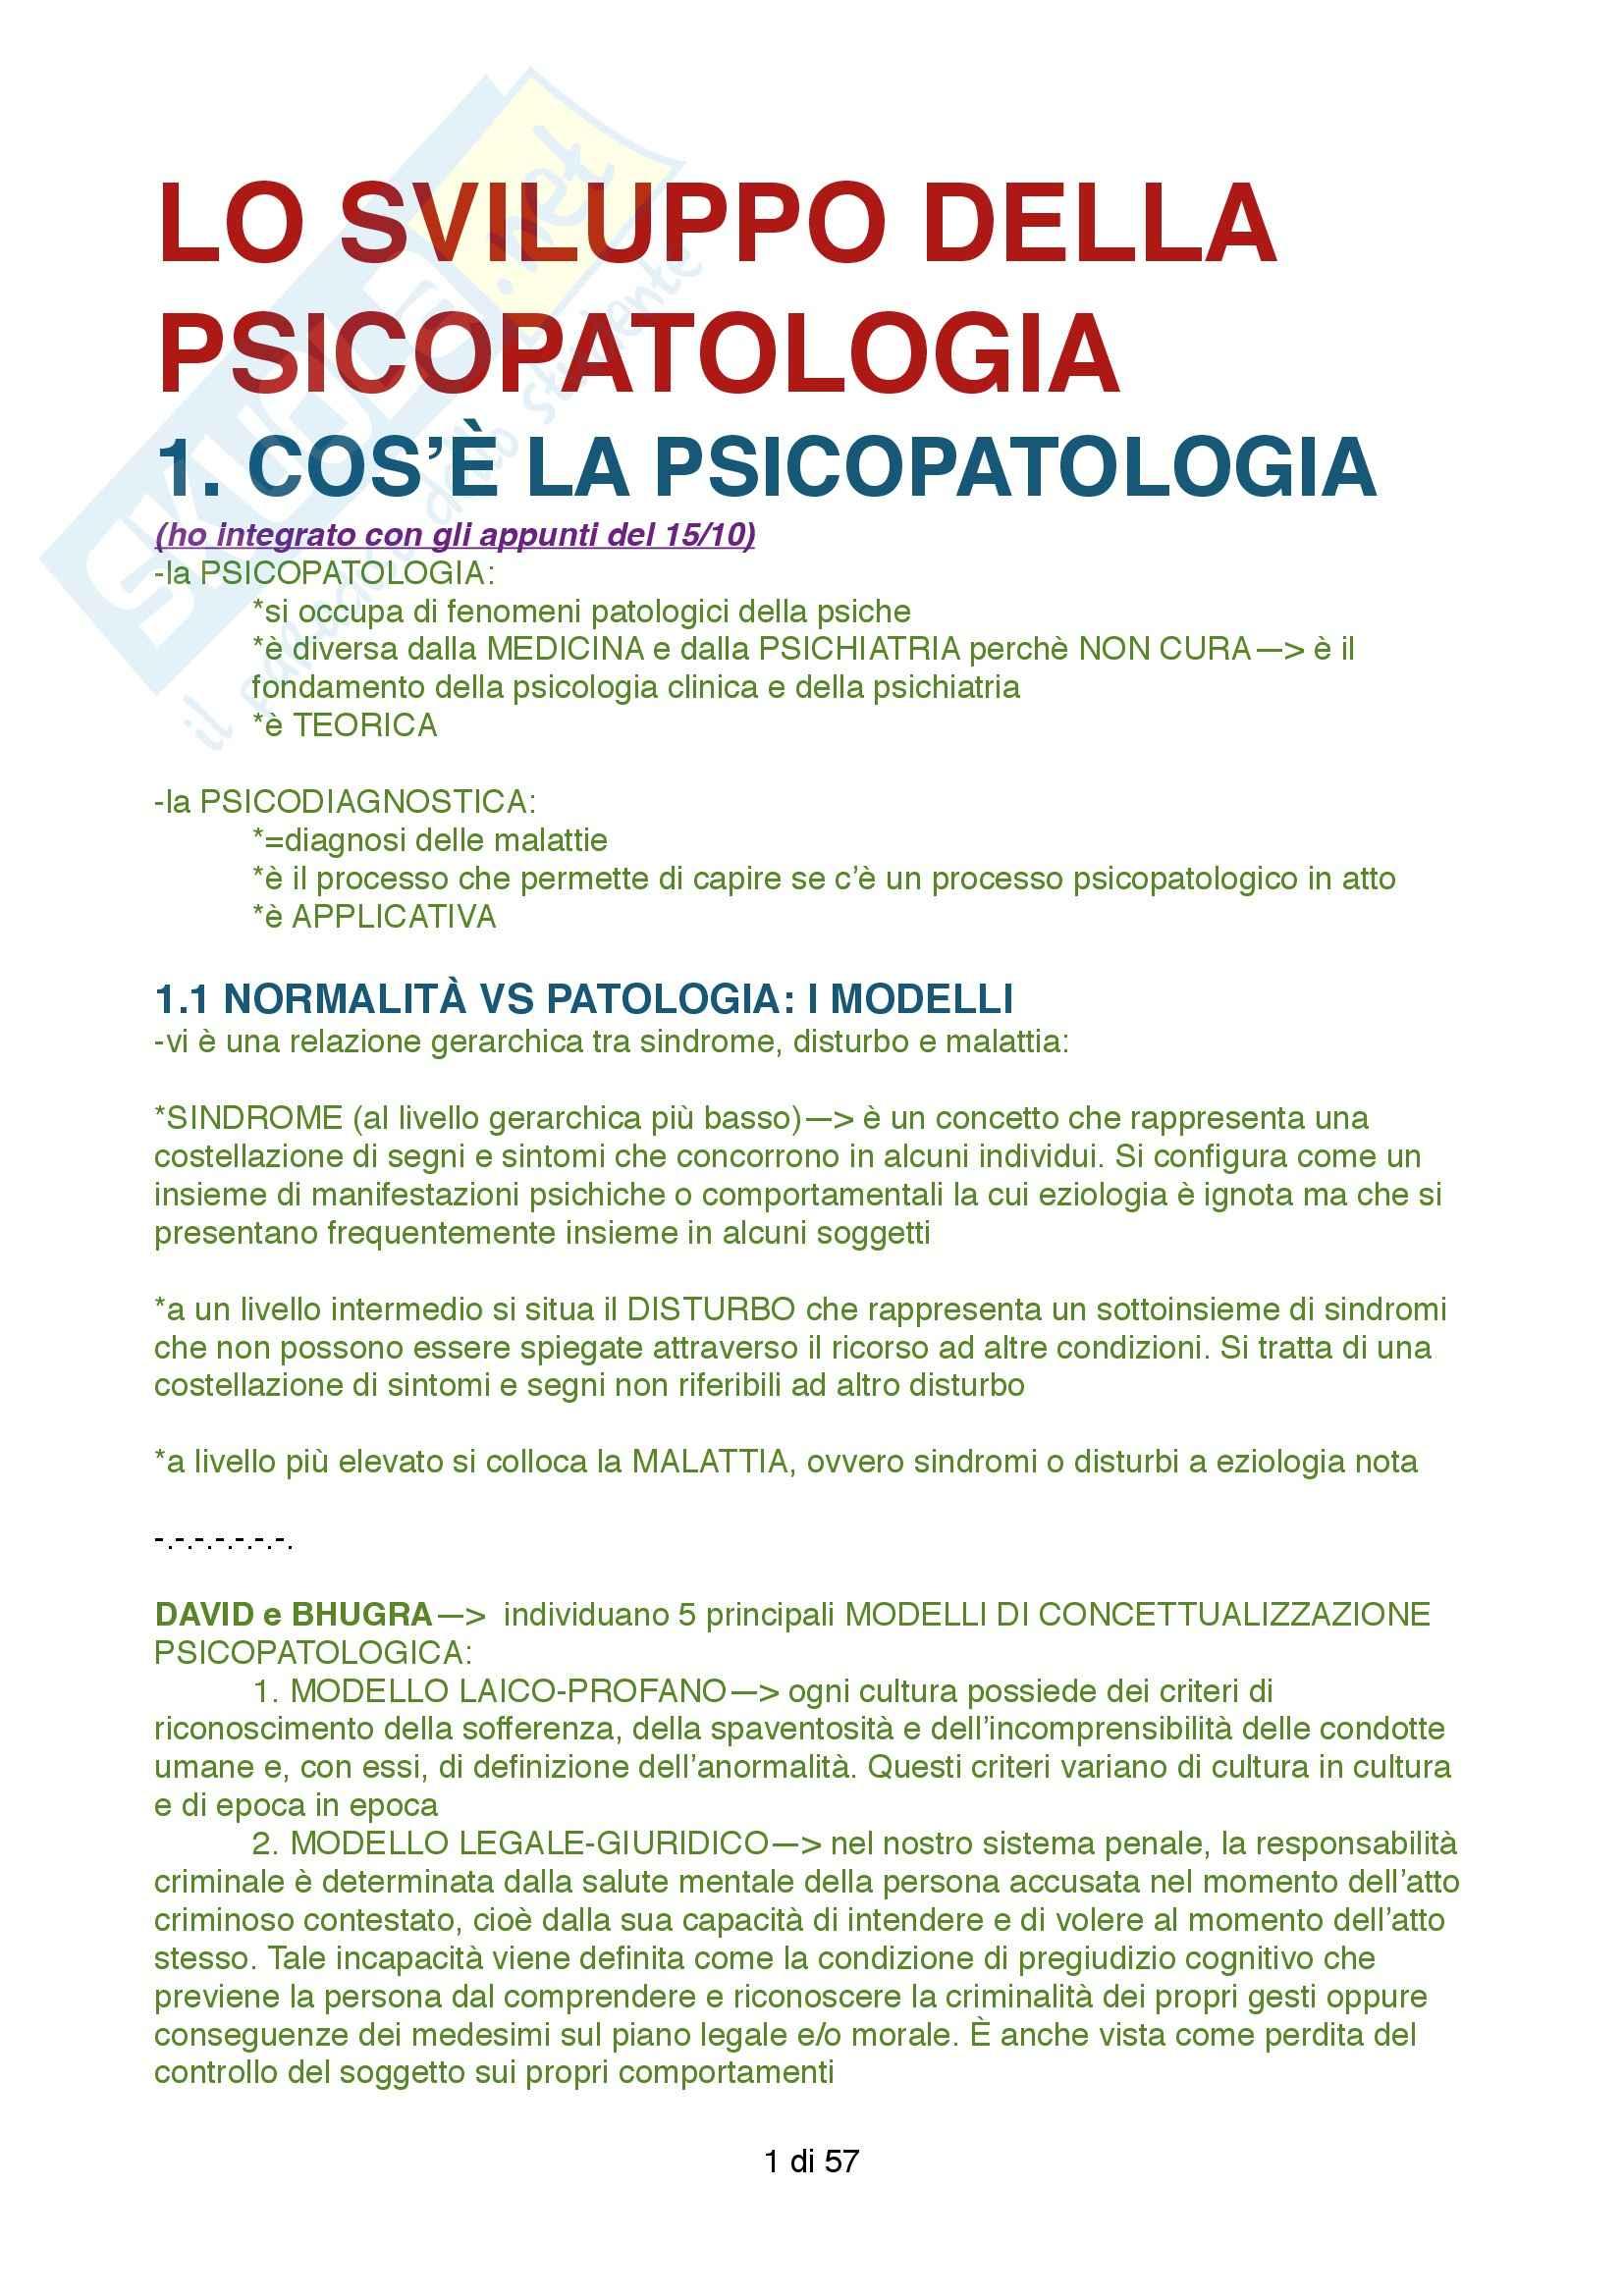 Riassunto esame Psicopatologia, prof. Zennaro, libro consigliato Lo sviluppo della Psicopatologia, Zennaro